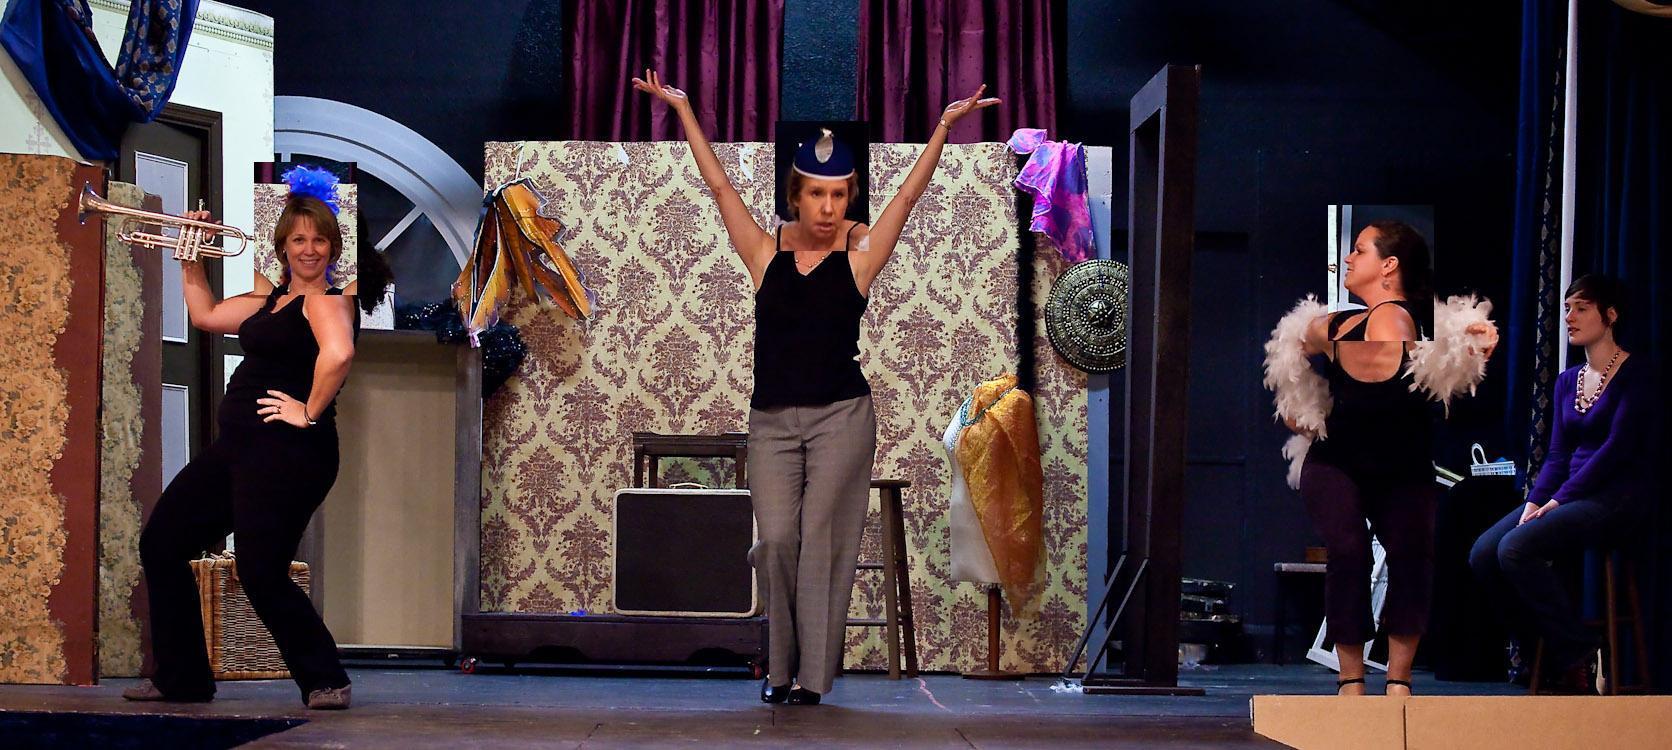 Gypsy strippers II.JPG